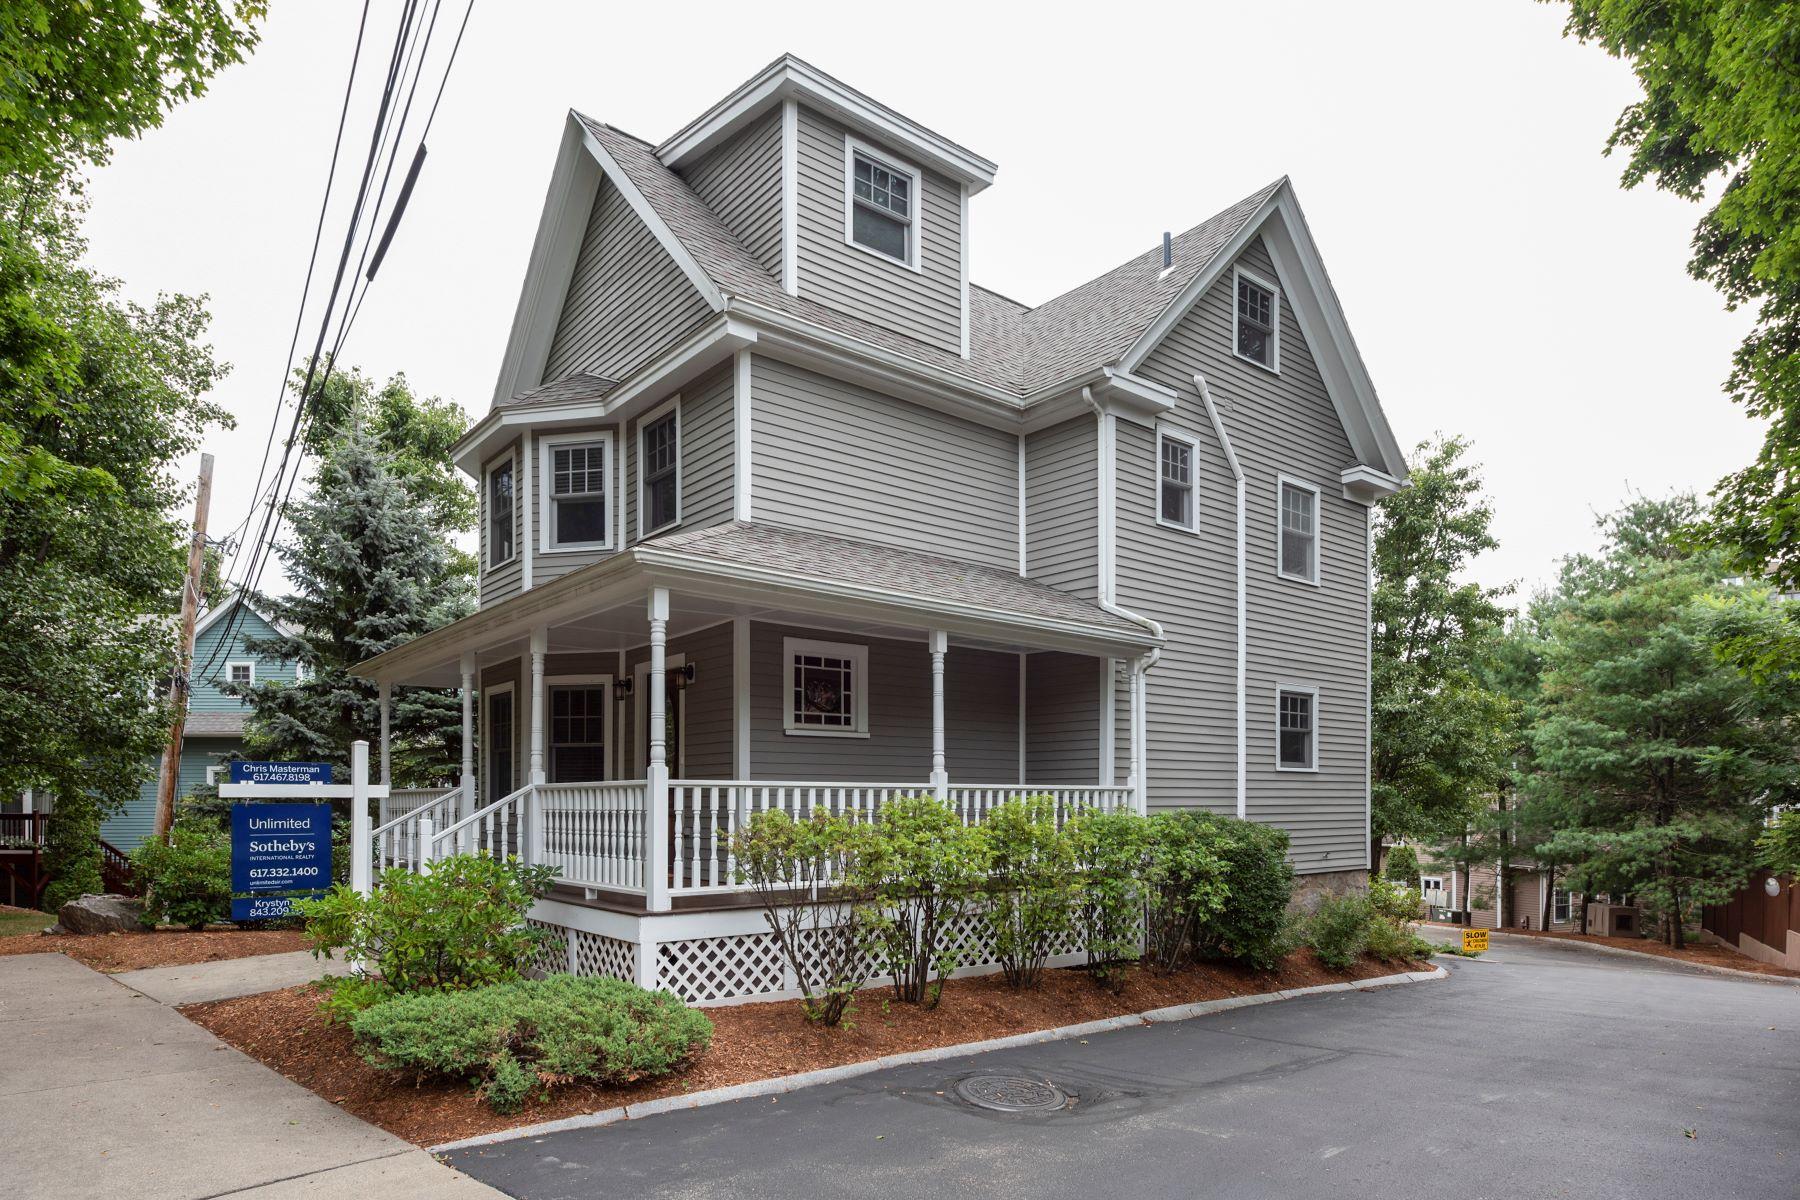 Condominiums 为 销售 在 73 Beecher Pl 73 牛顿, 马萨诸塞州 02459 美国